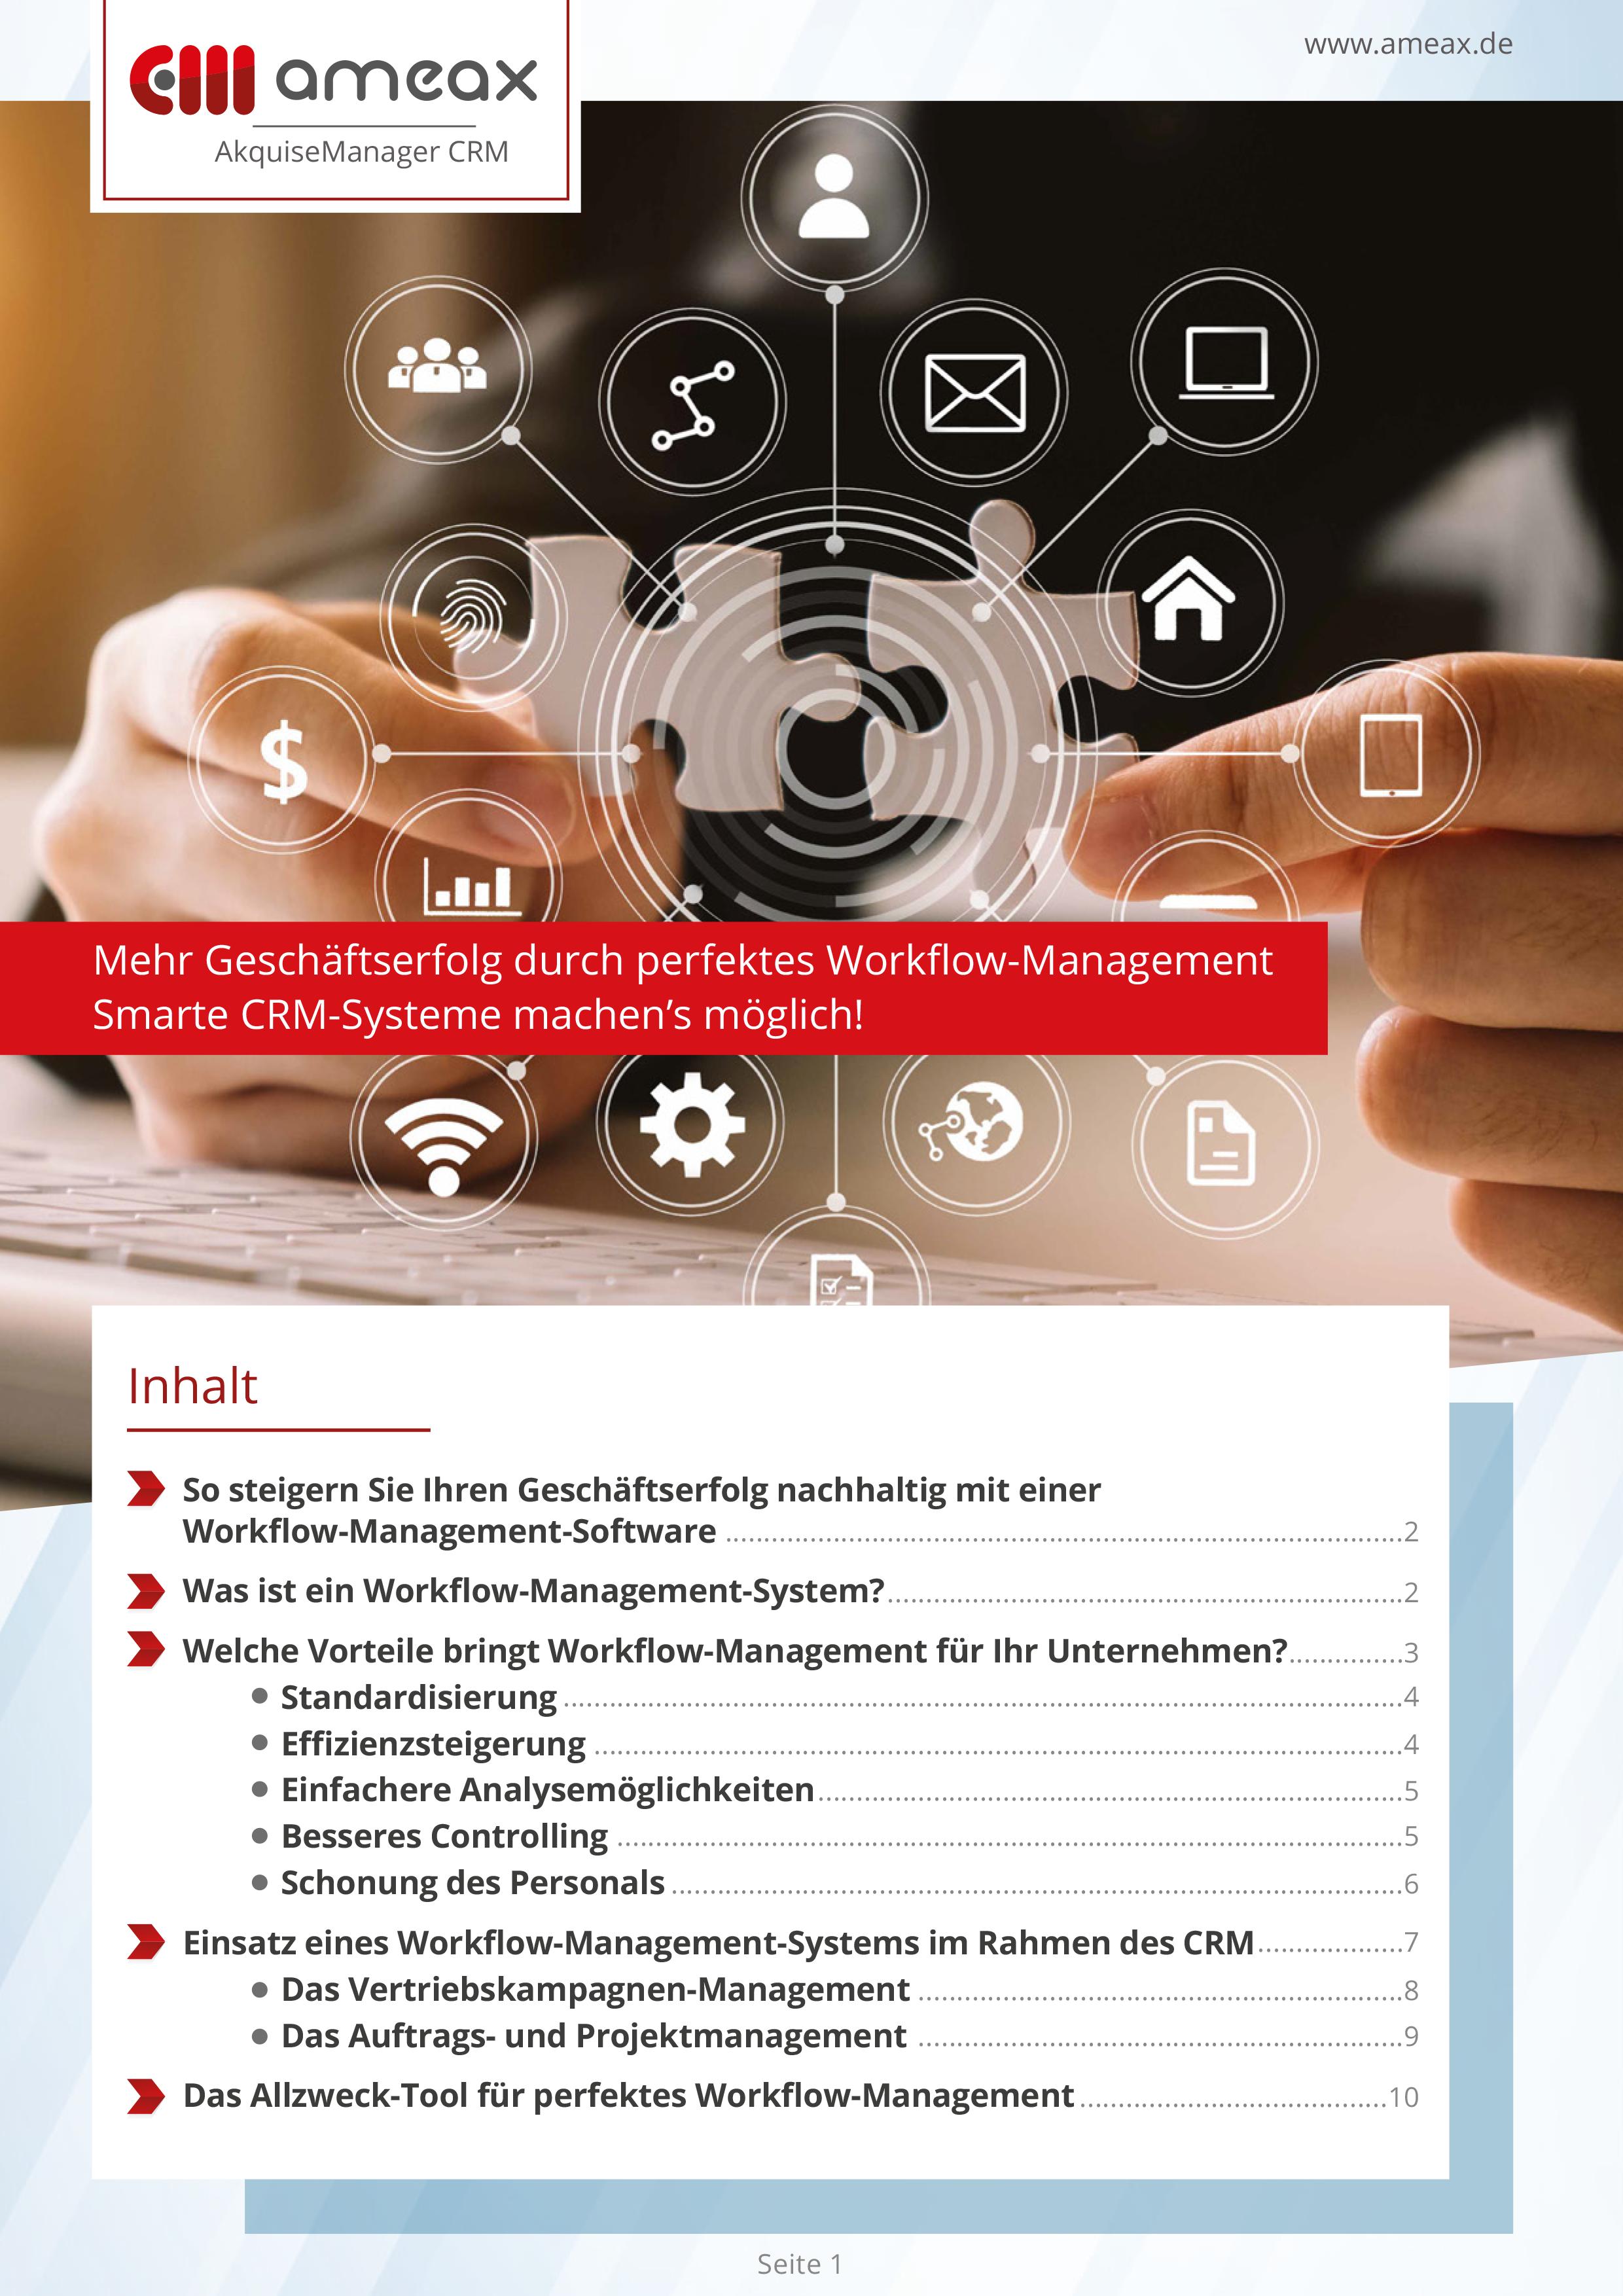 Mehr Geschäftserfolg durch perfektes Workflow-Management